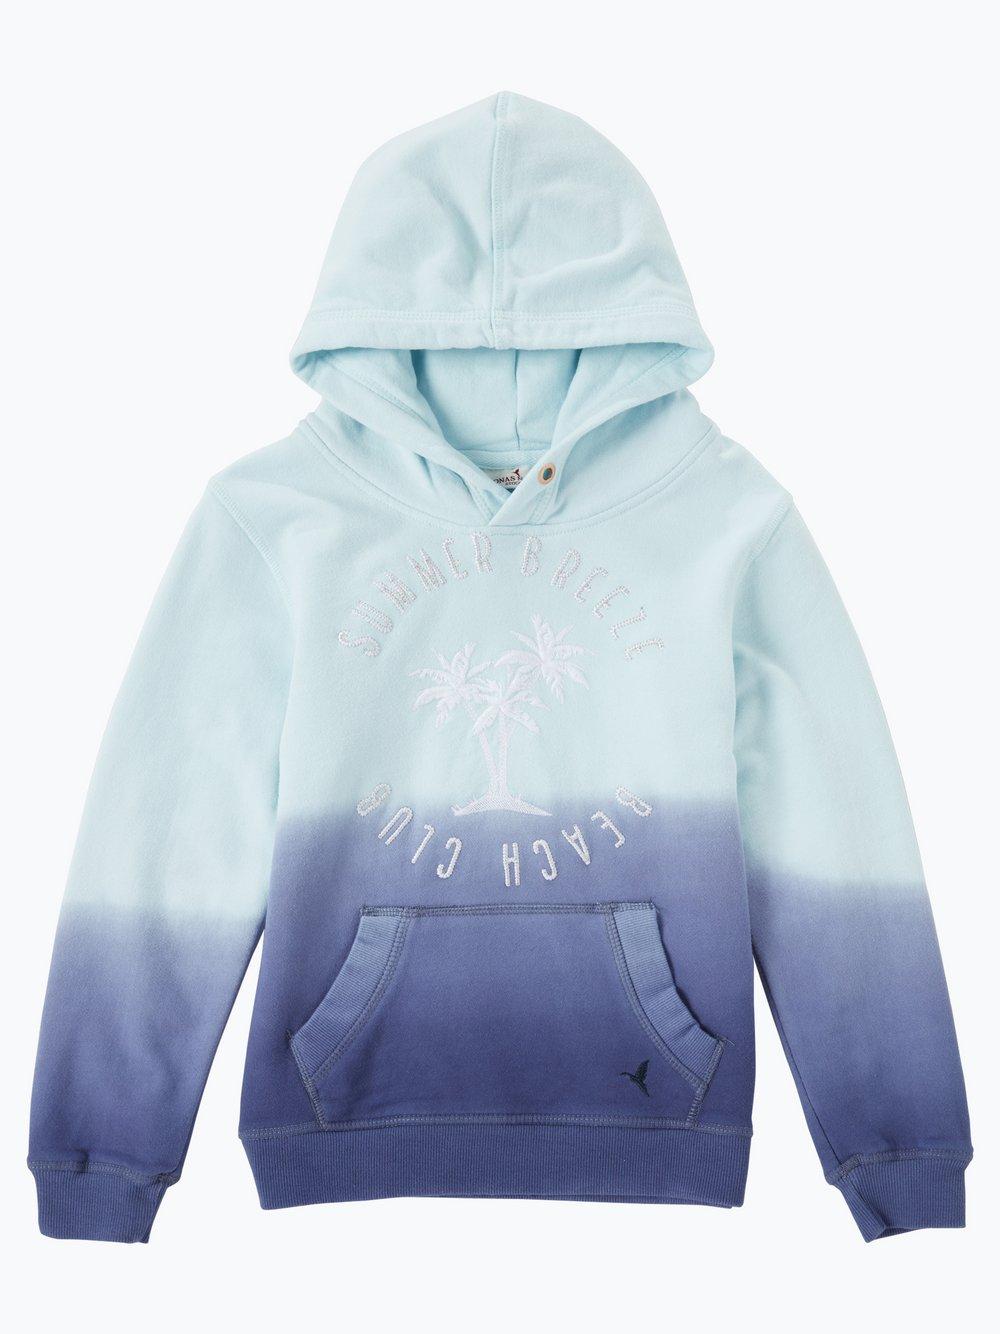 Jonas Nielsen Stockholm Mädchen Sweatshirt online kaufen